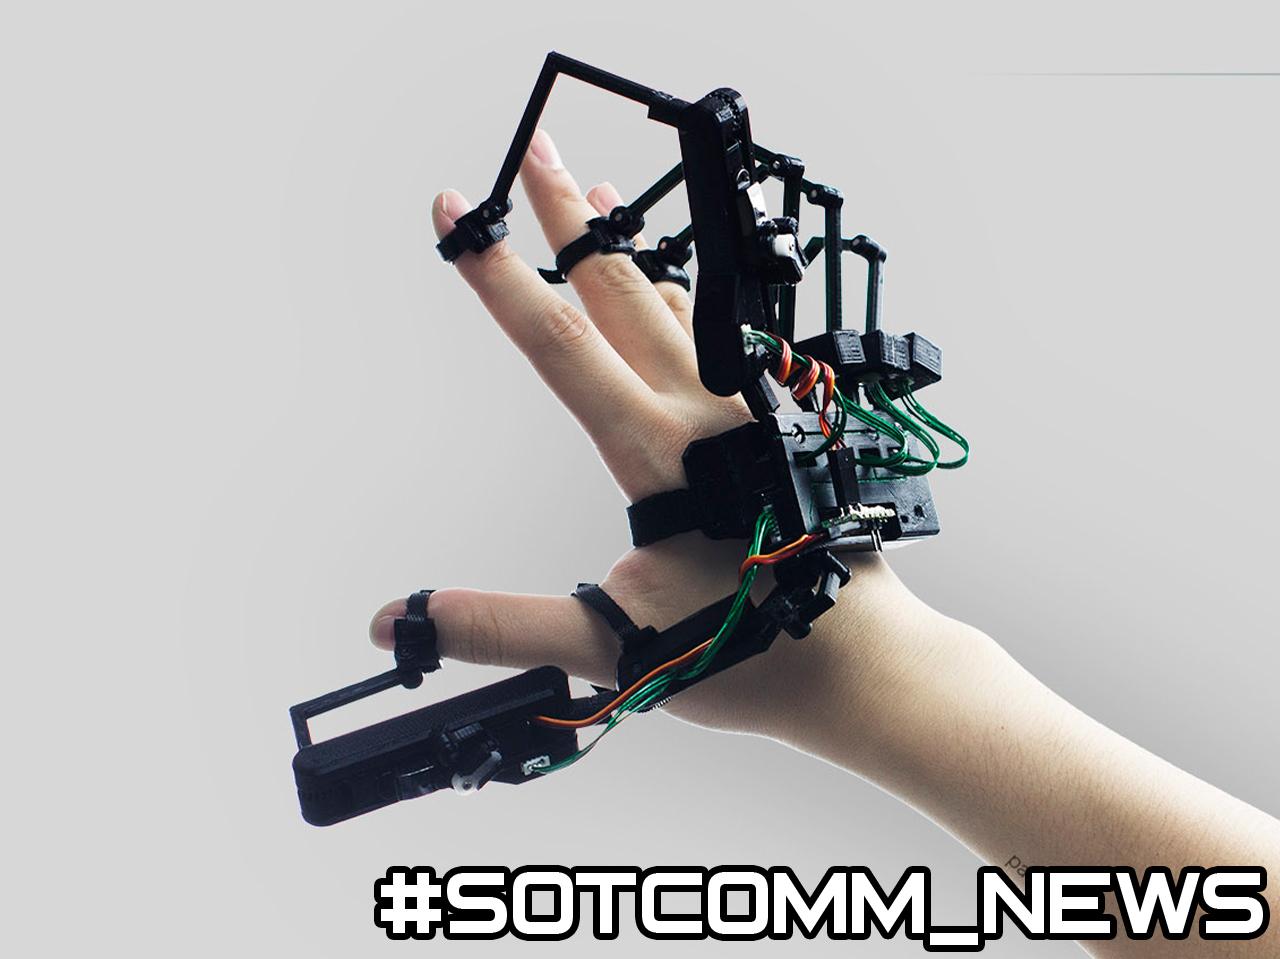 перчатка позволяющая трогать виртуальные объекты